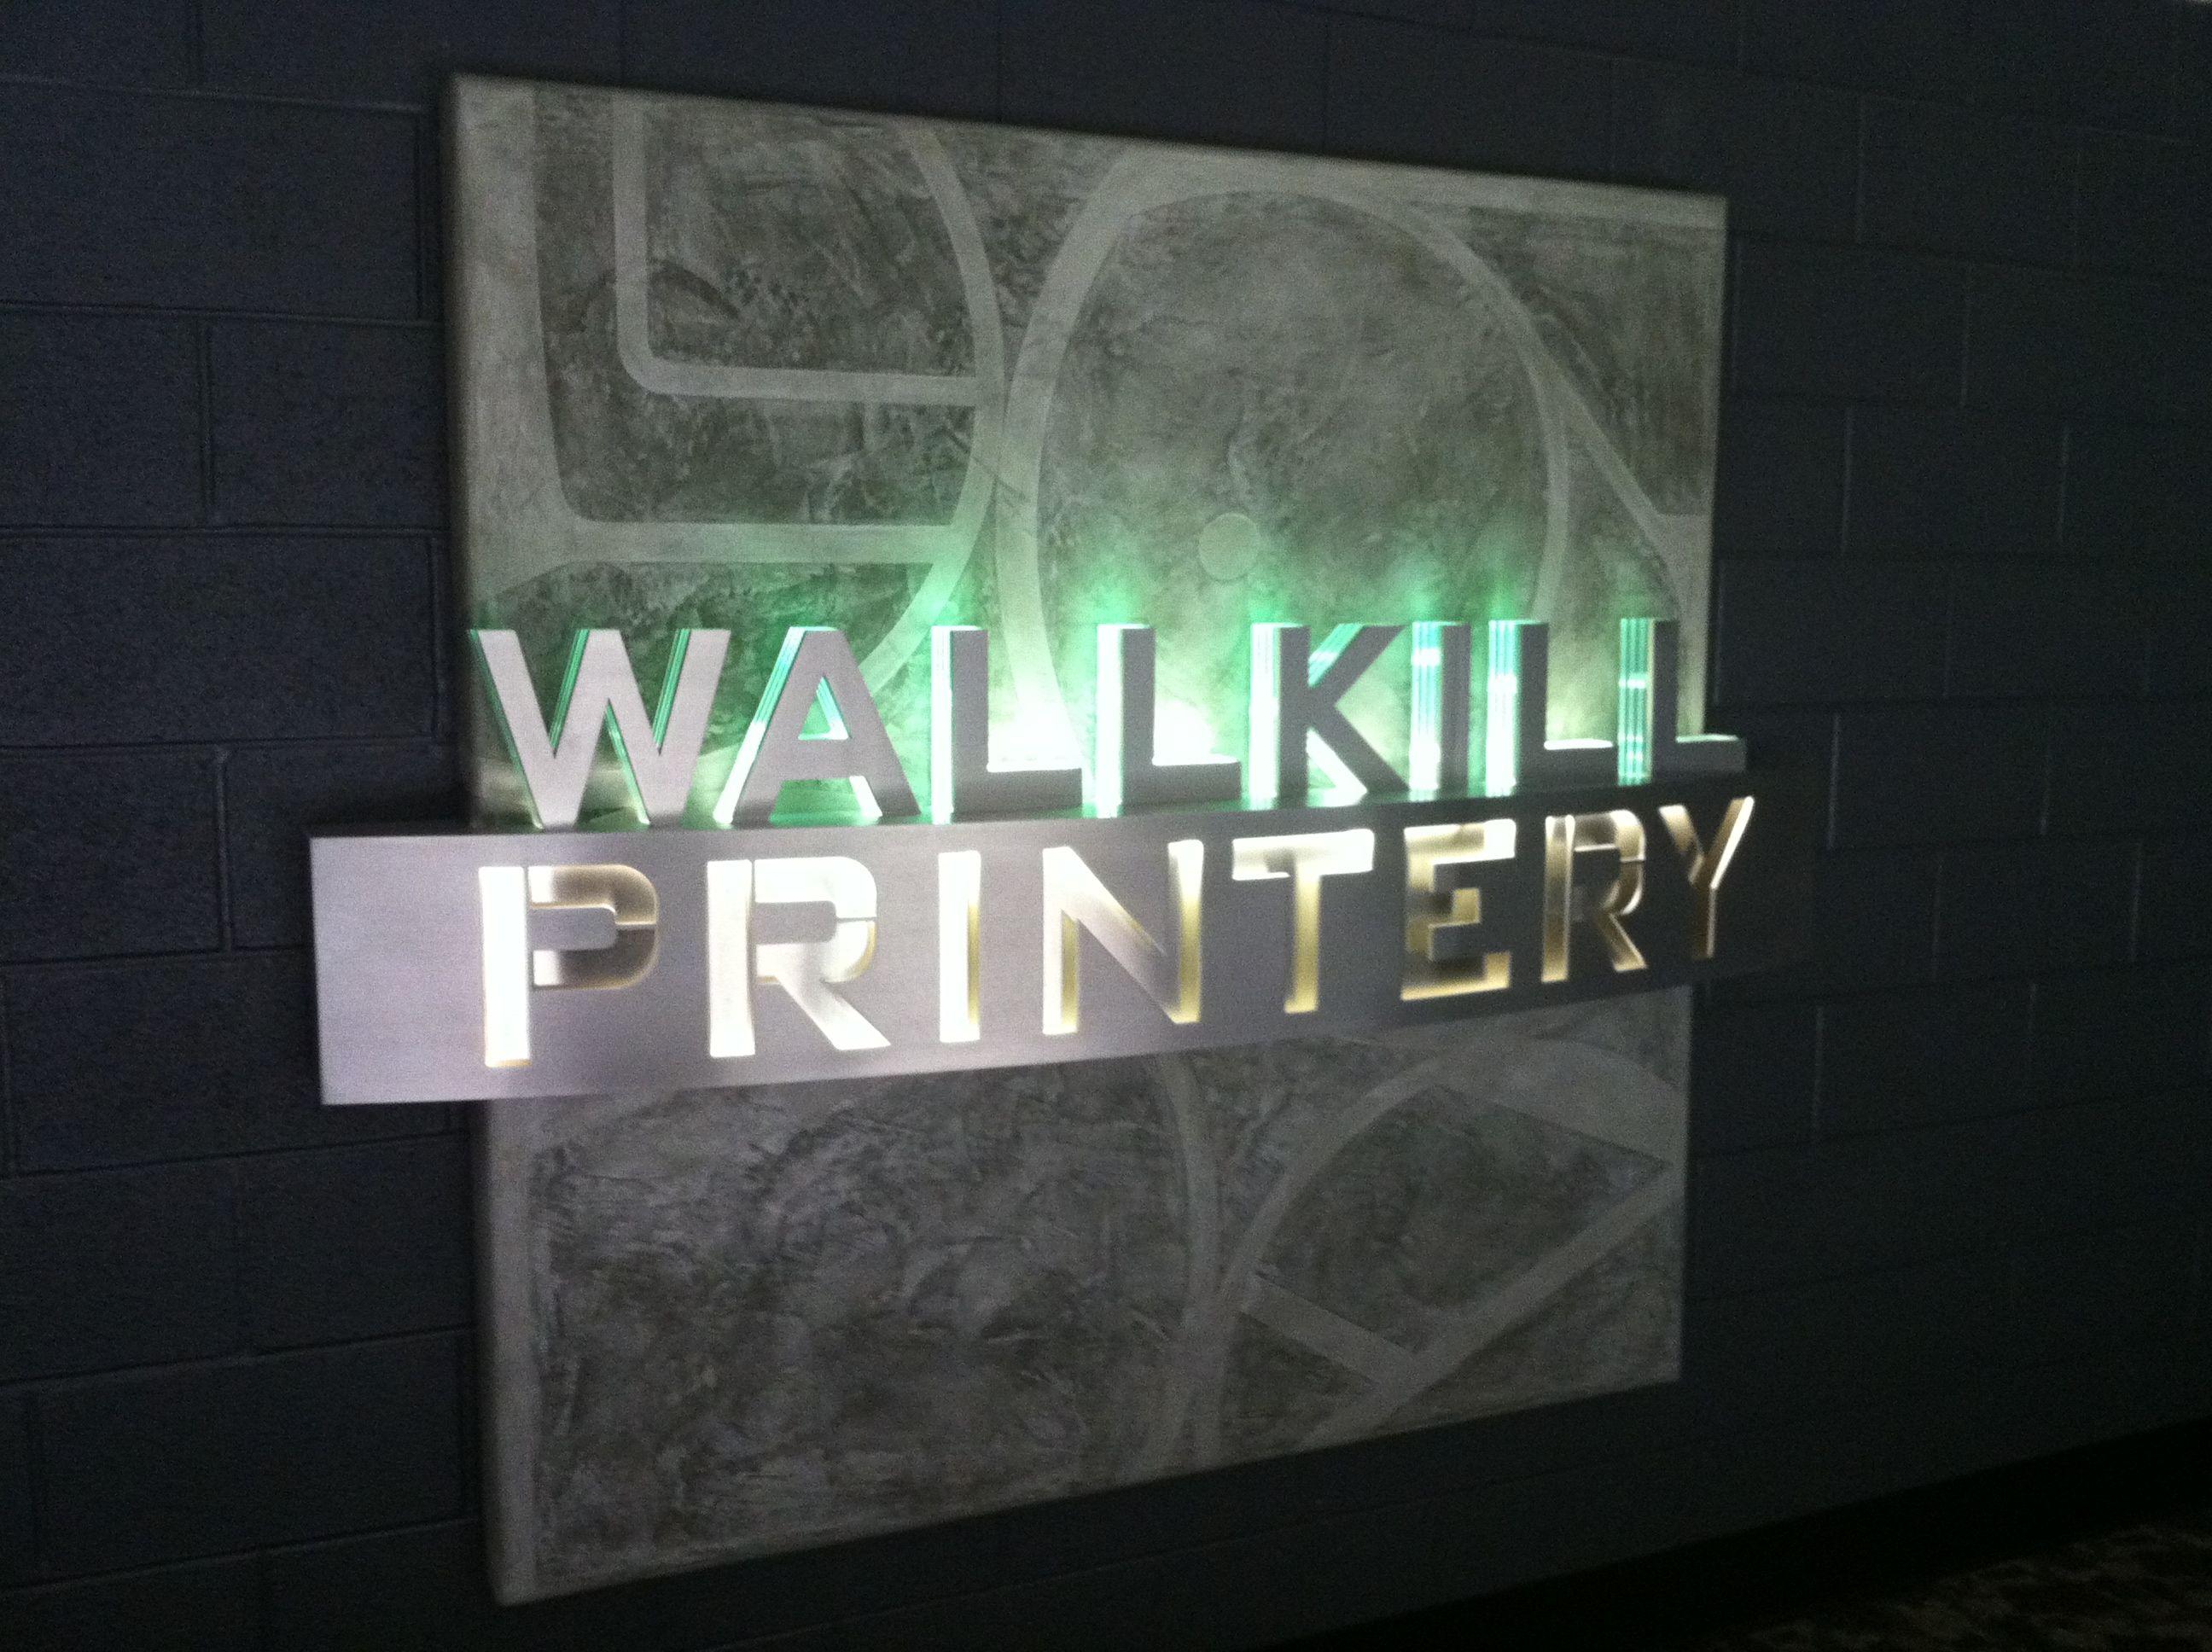 wallkill ny jehovah witnesses